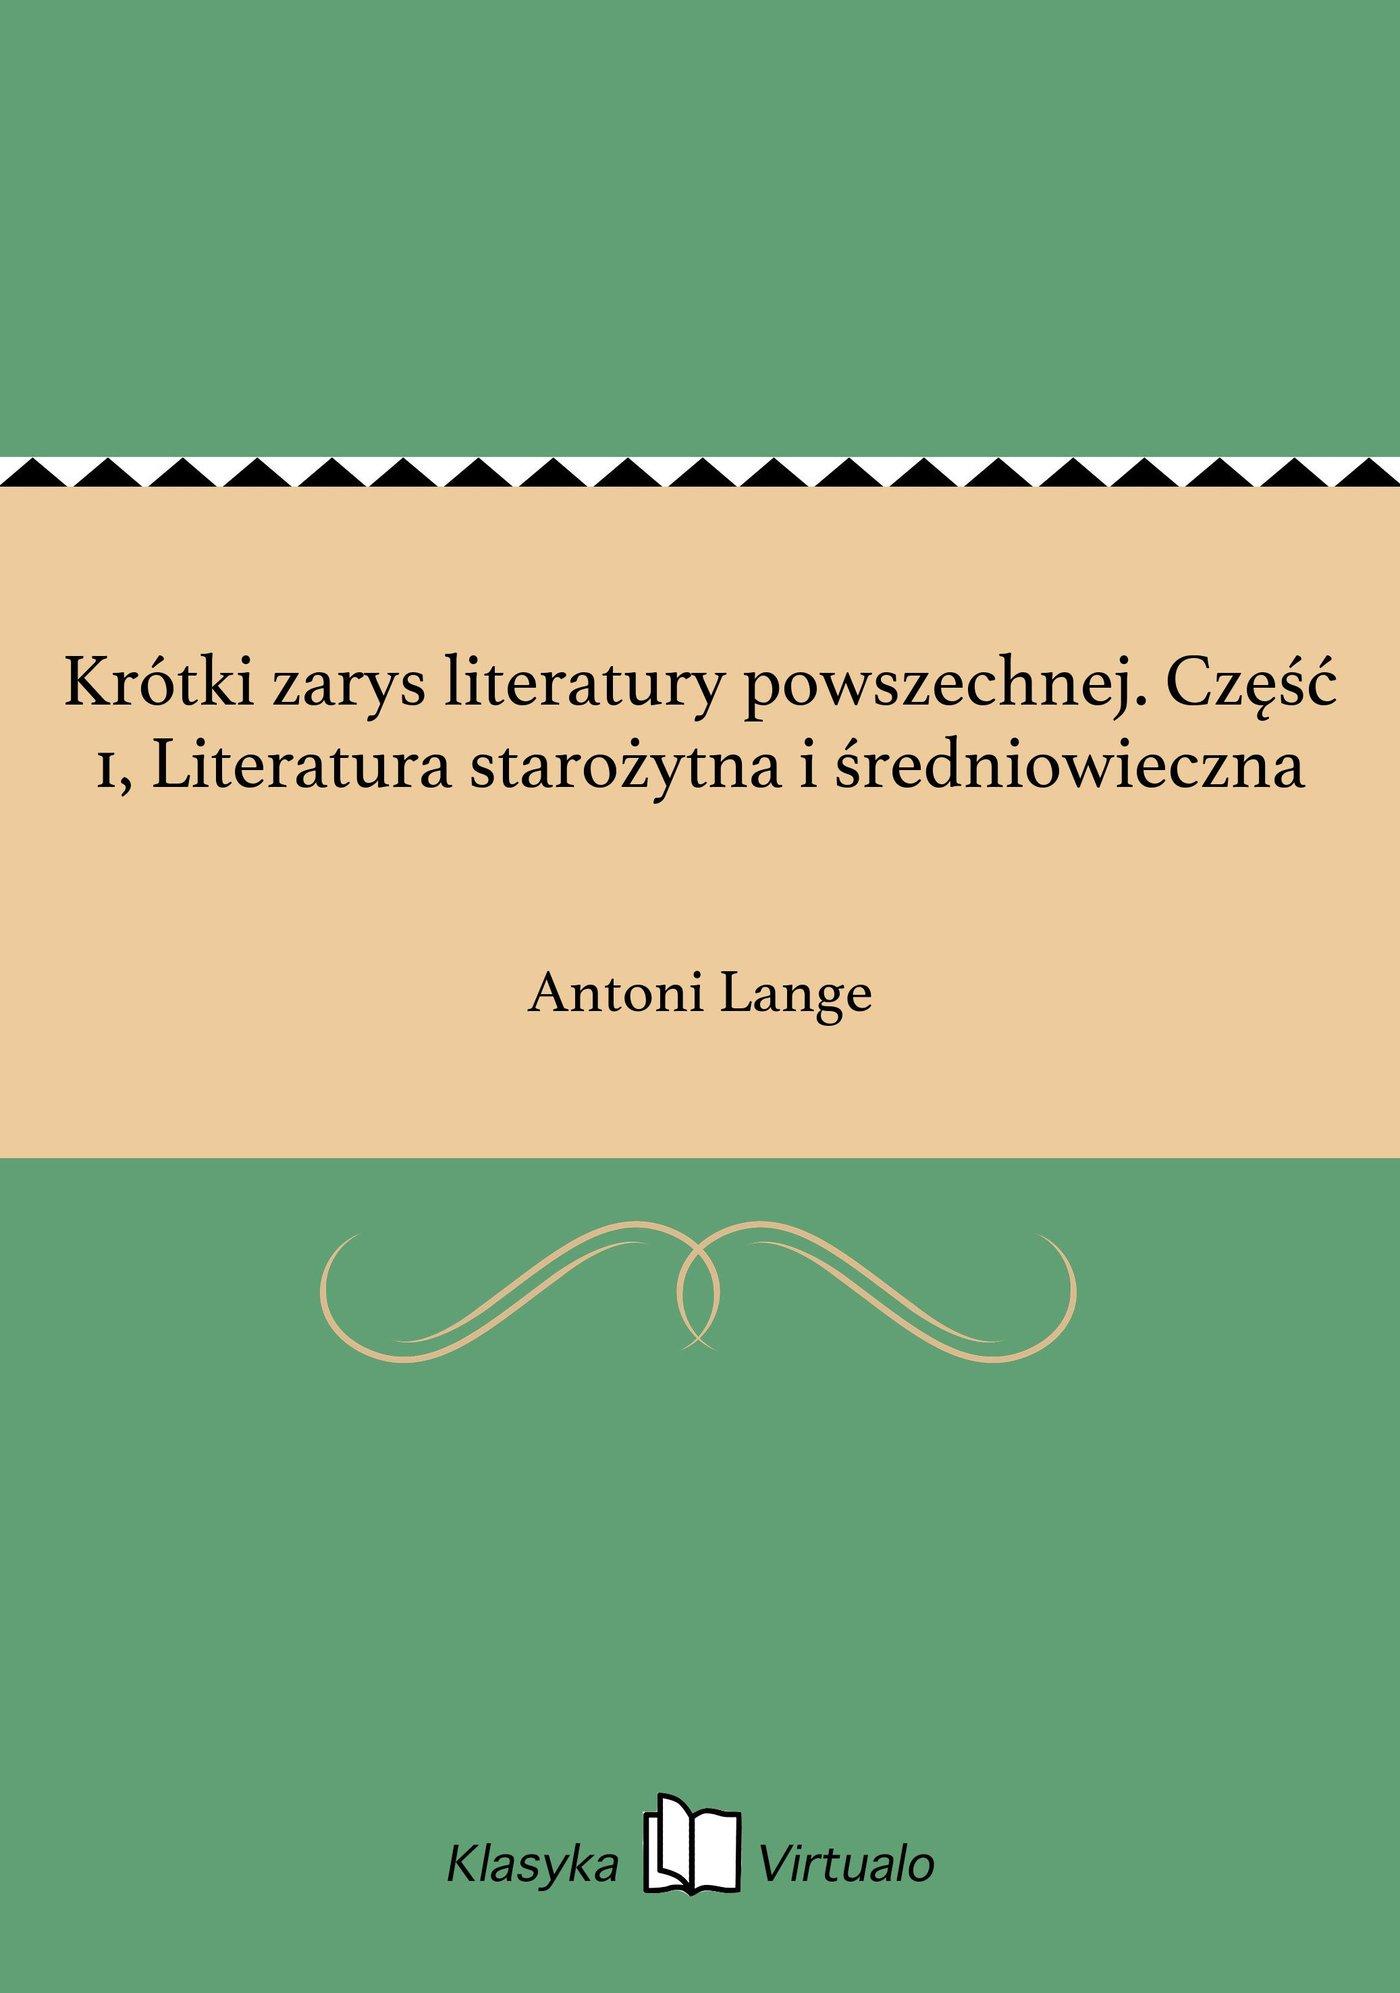 Krótki zarys literatury powszechnej. Część 1, Literatura starożytna i średniowieczna - Ebook (Książka EPUB) do pobrania w formacie EPUB